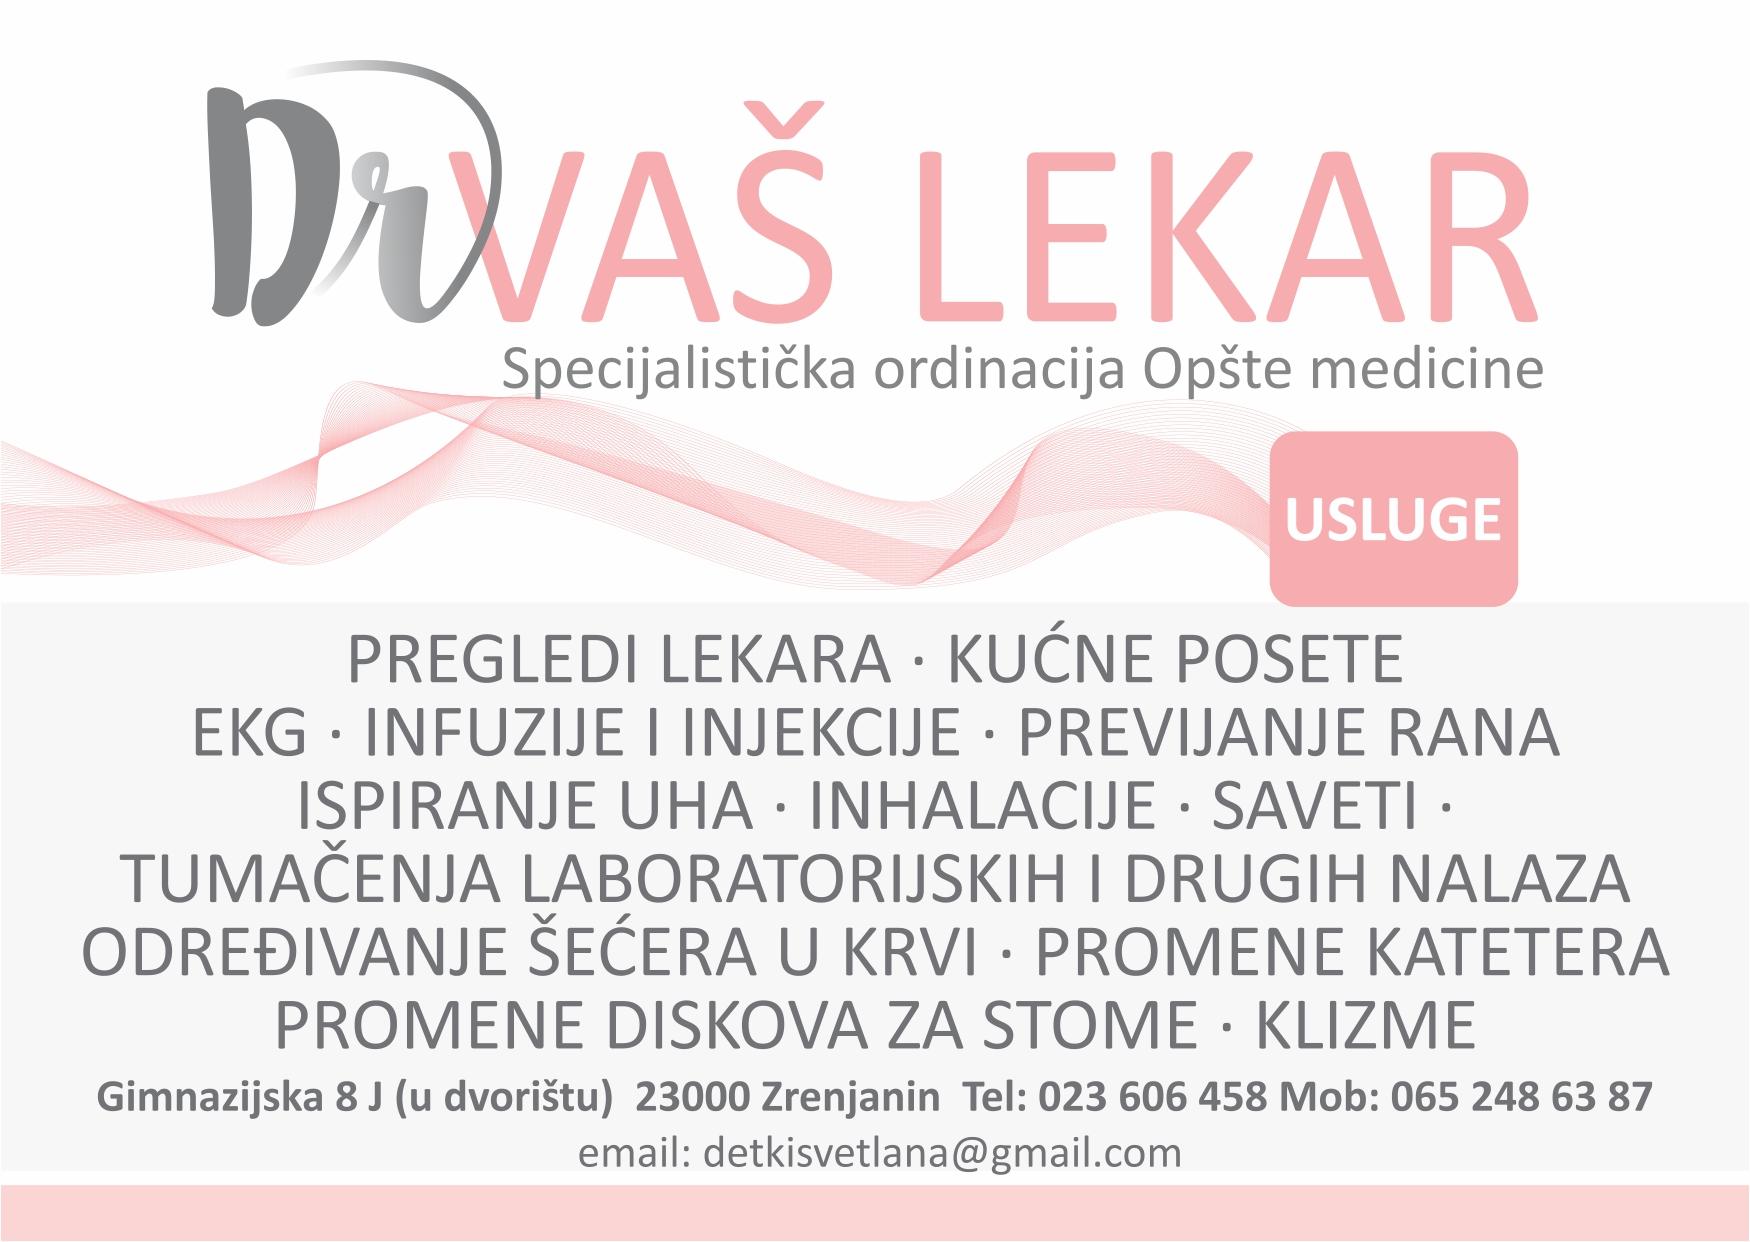 Dr vash lekar - FLAJER FINAL KRIVE 2